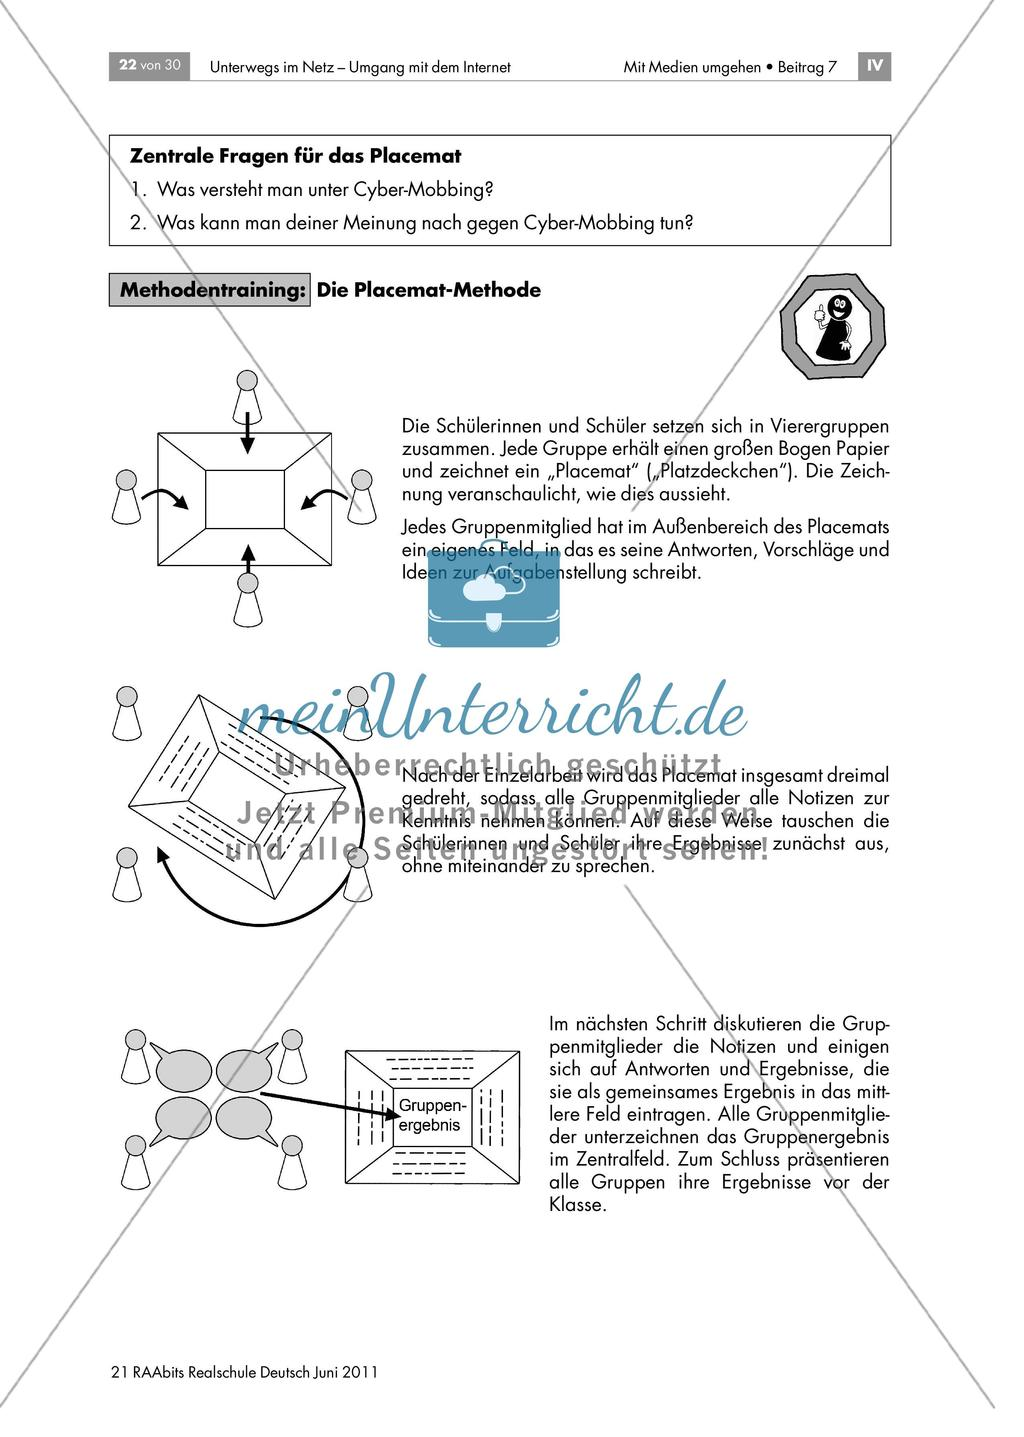 Sicherheit im Netz - Gefahren der Nutzung von Internet-Communities kennen und Strategien zum Umgang damit entwickeln anhand der Methoden Gruppenpuzzle und Placemat Preview 5